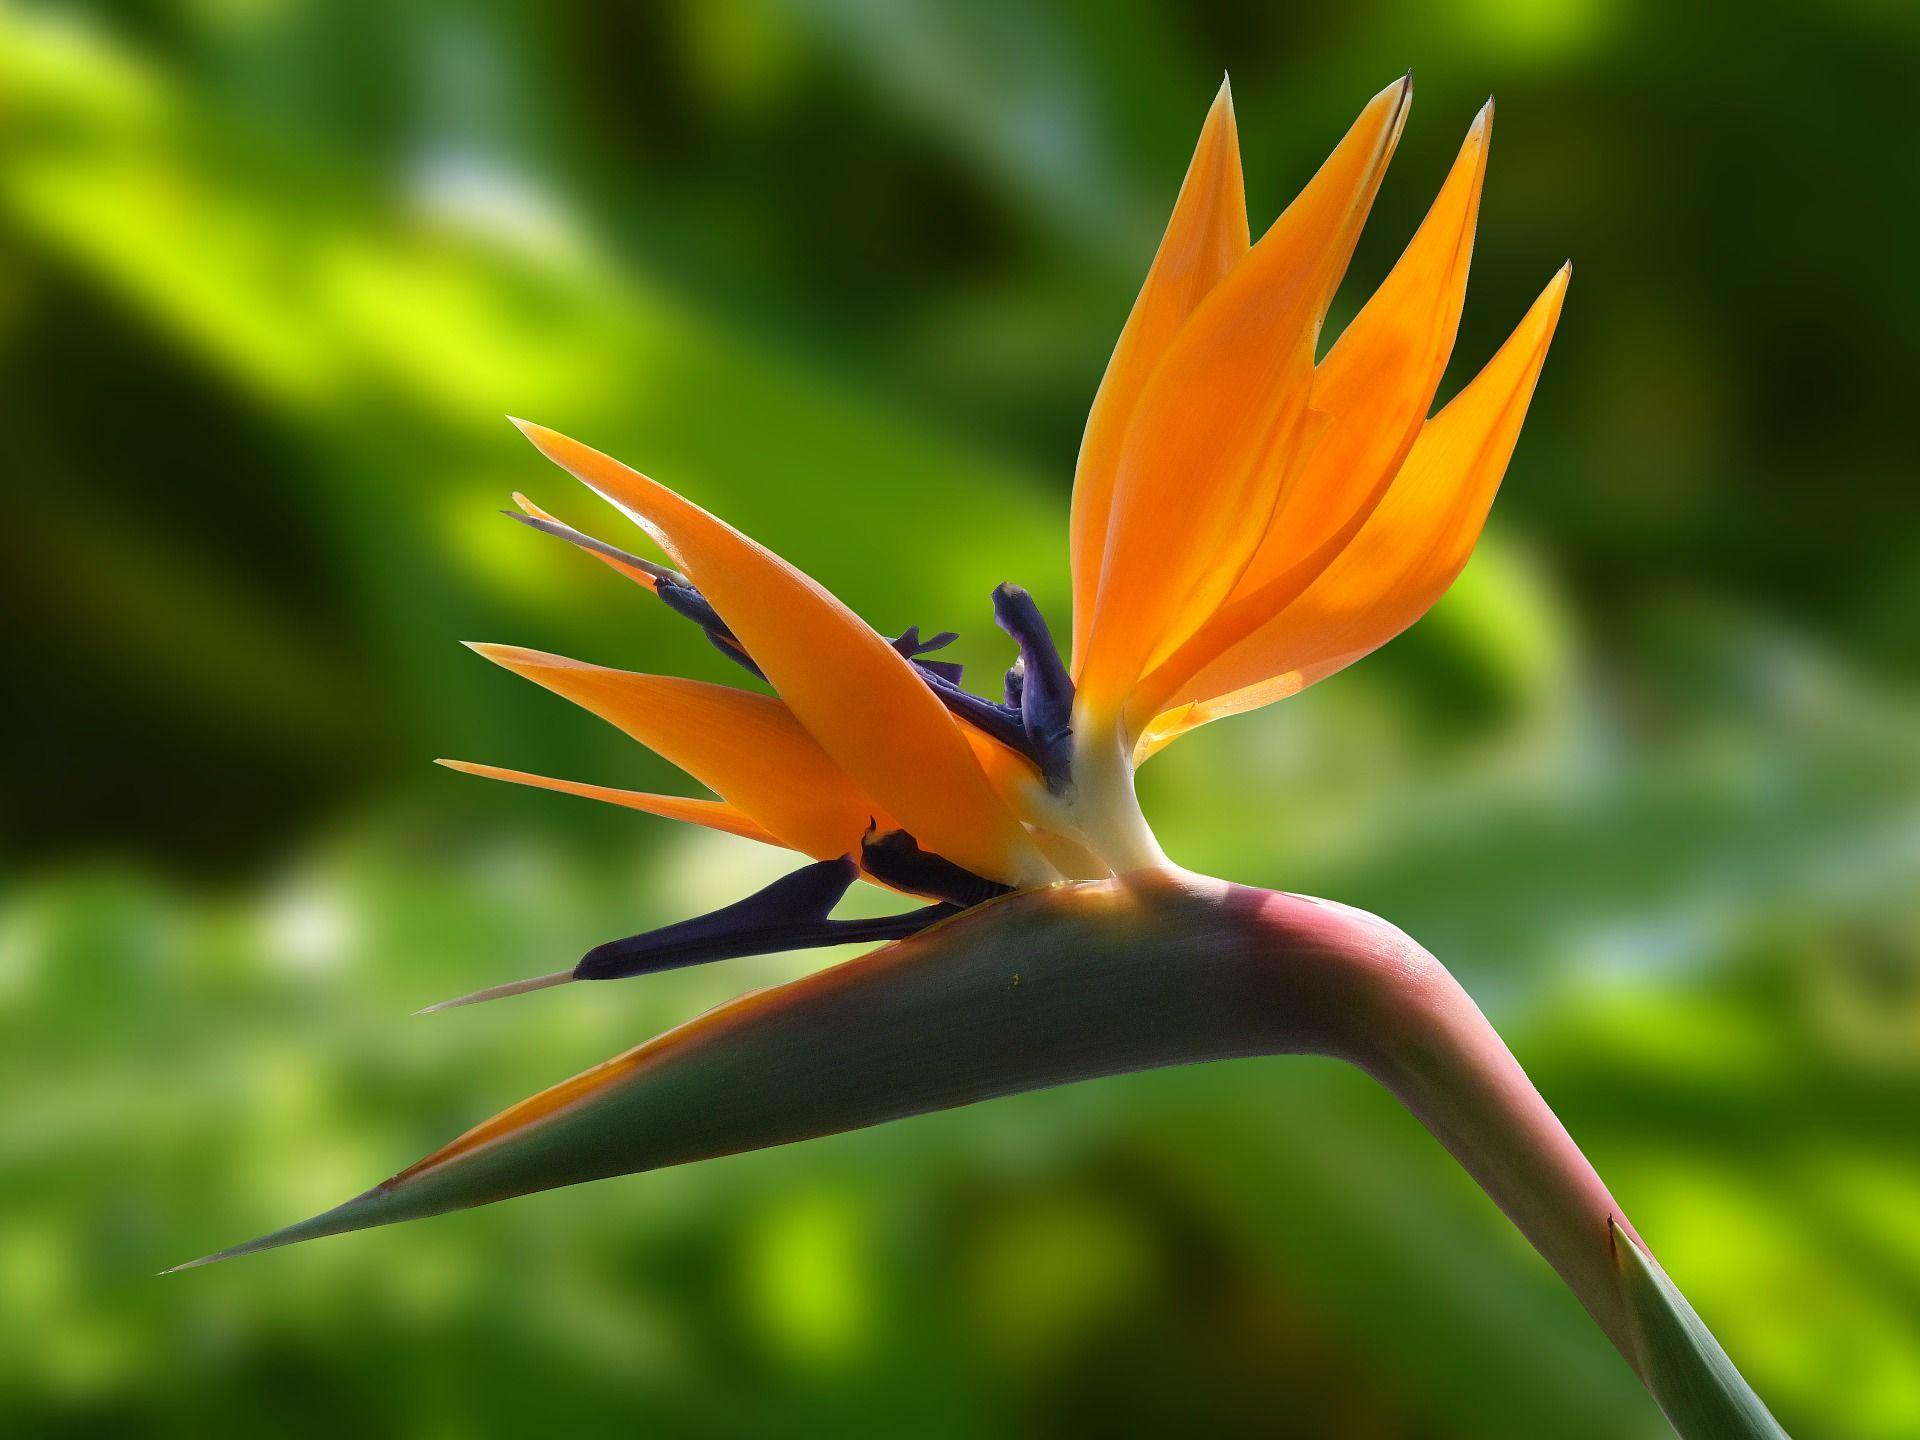 Онлайн просмотр фотографий райской птицы